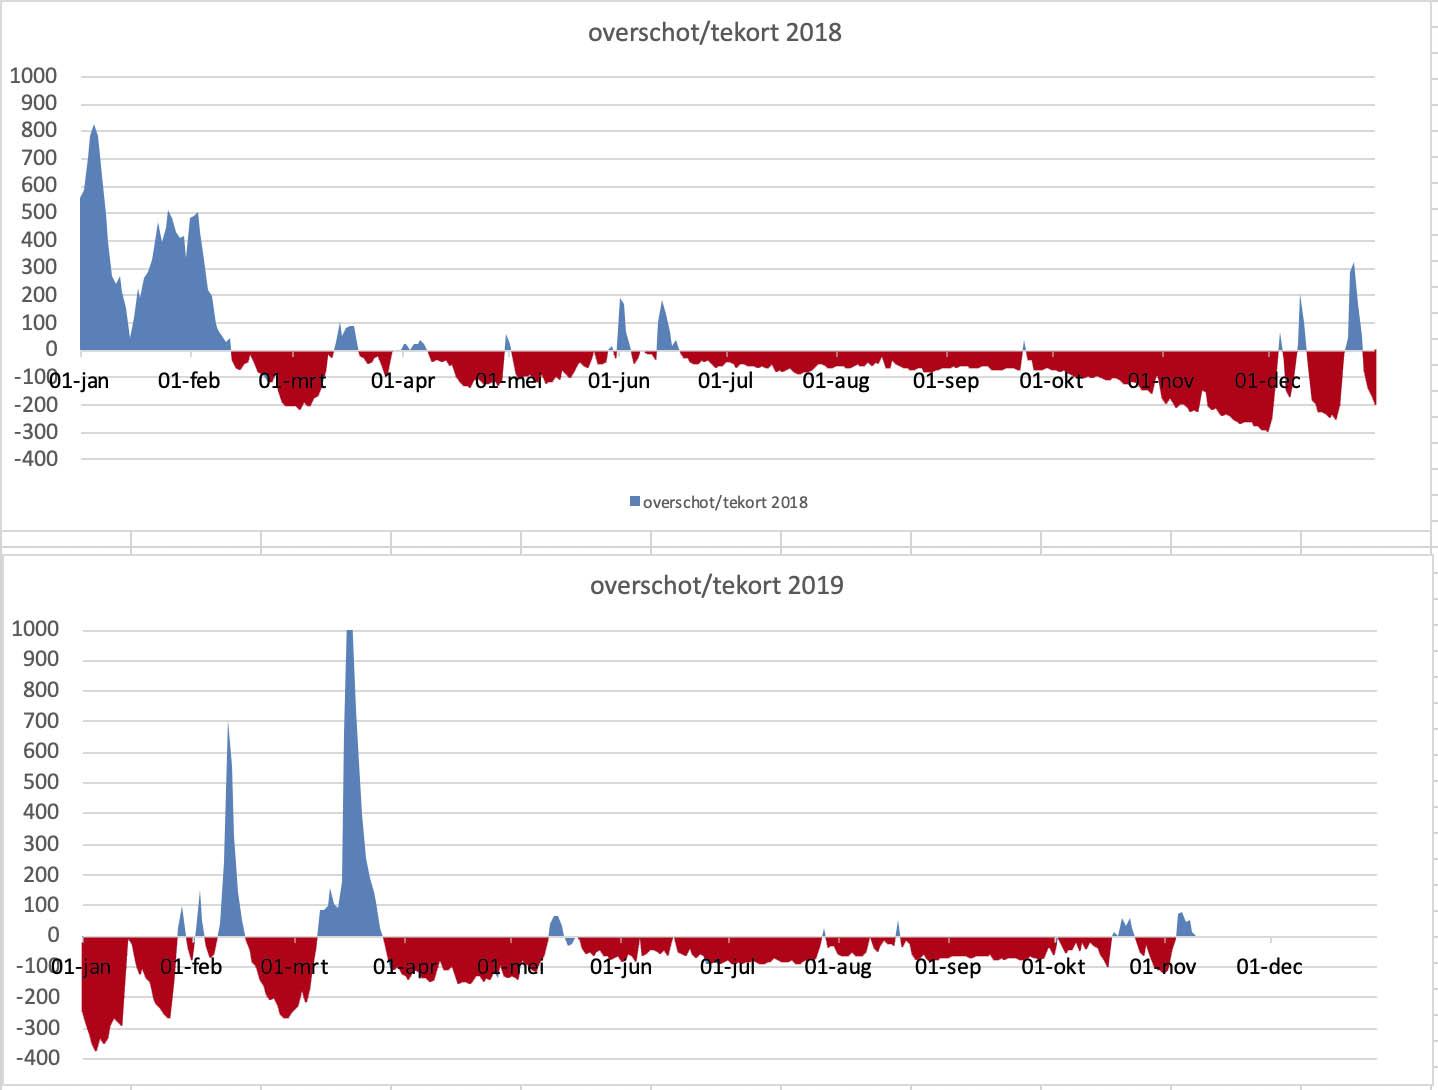 Perioden dat de Maas meer (blauw) of minder (rood) water afvoerde dan het gemiddelde; gedurende 2018 (boven) en 2019 (onder)